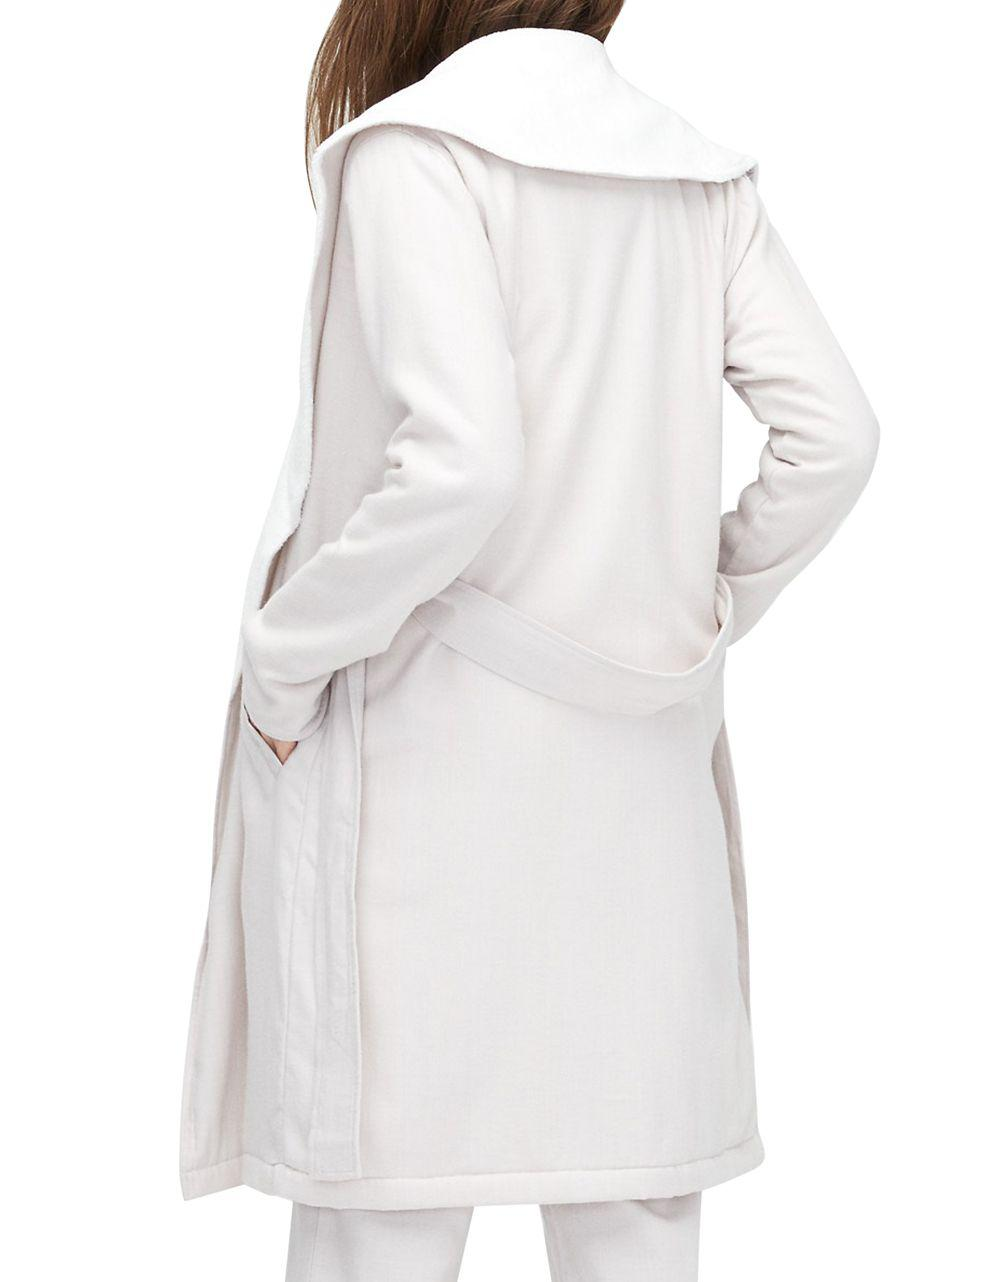 90eb03dac3 Lyst - Ugg Herringbone Robe in White